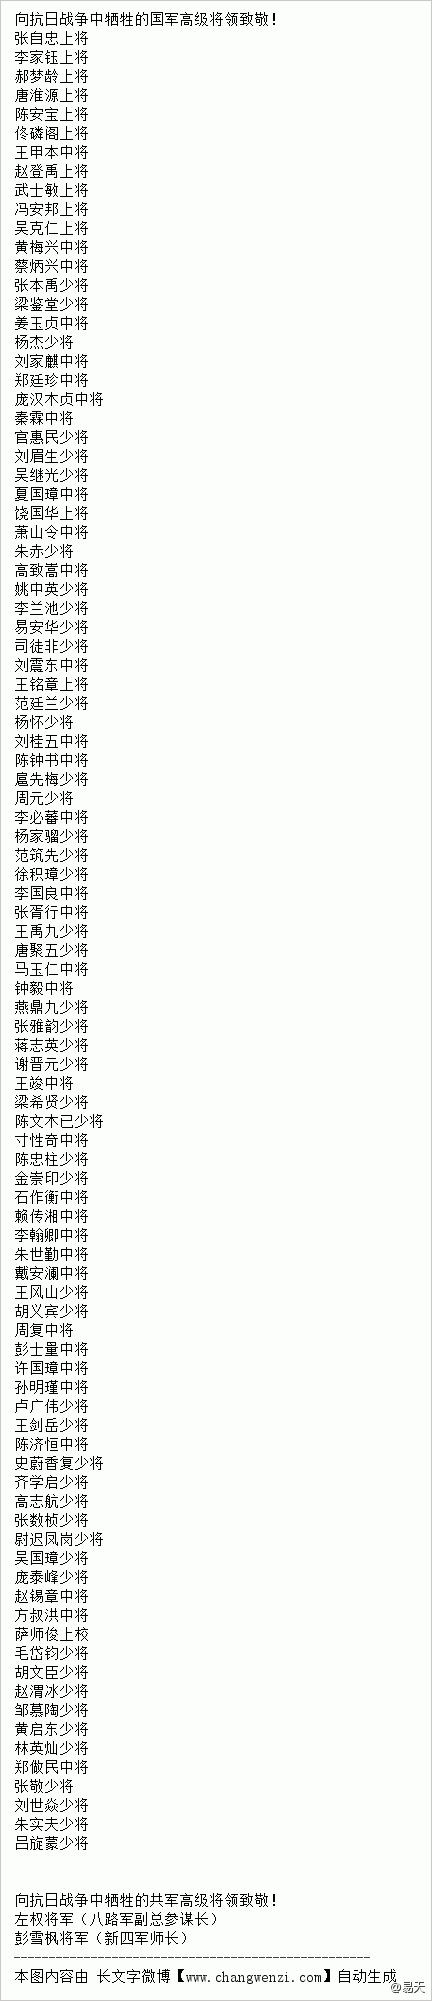 国共两党抗日中牺牲的高级将领名录95:2 - 范荣 - 读万卷书,行万里路——范荣的博客